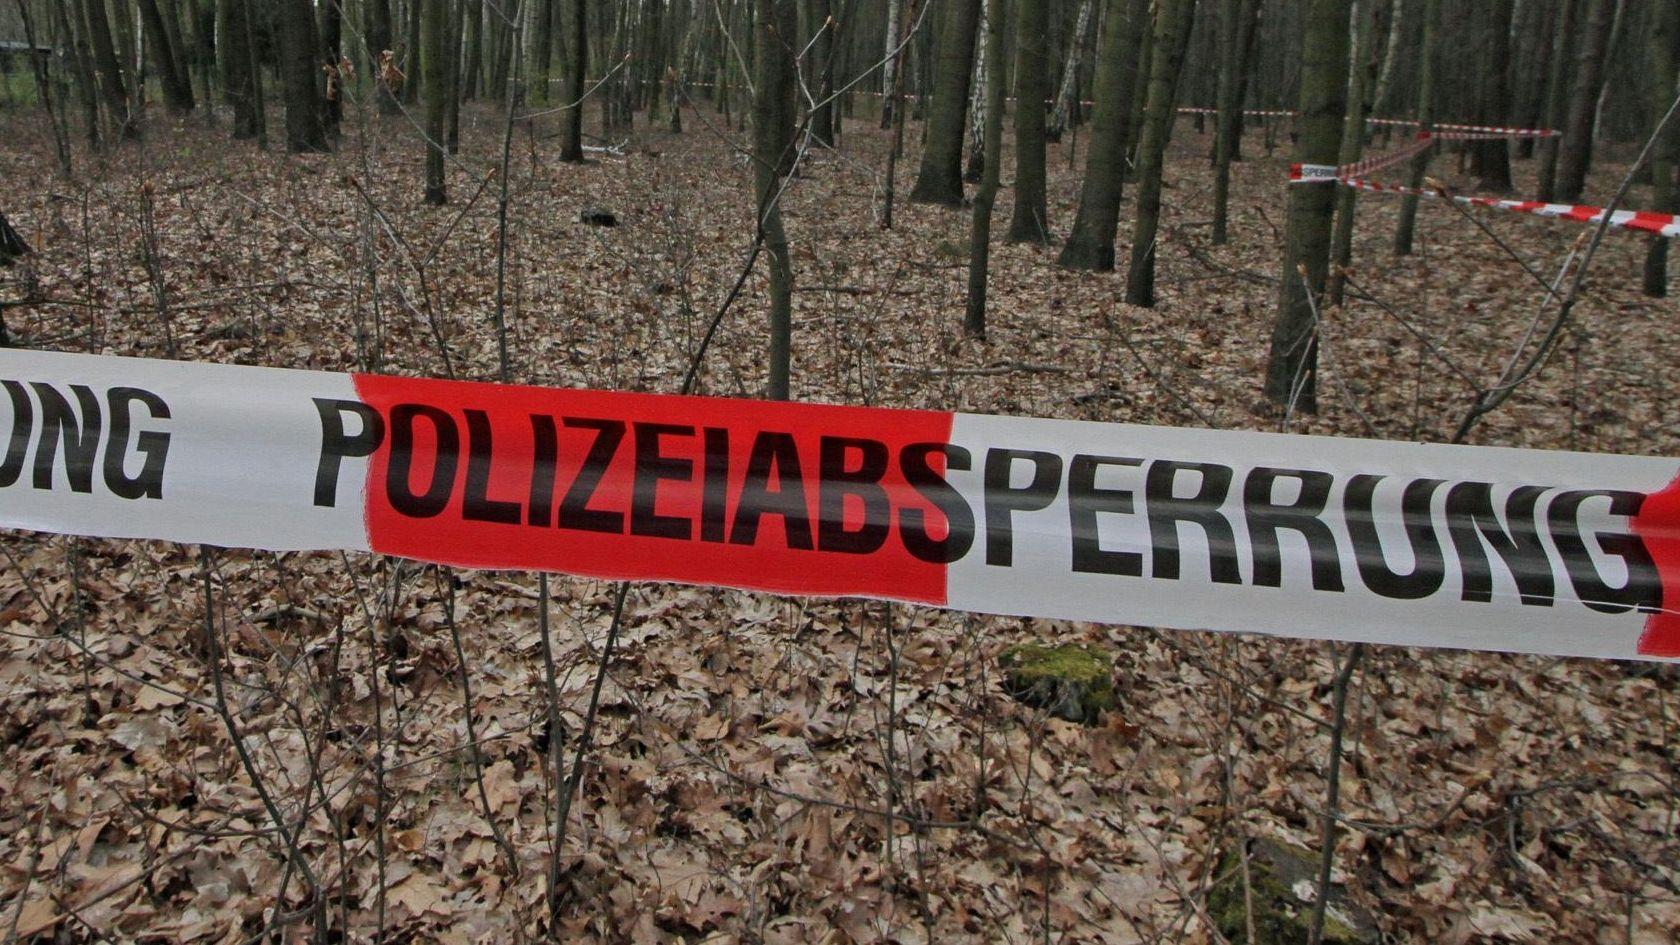 Symbolbild Polizeiabsperrung im Wald